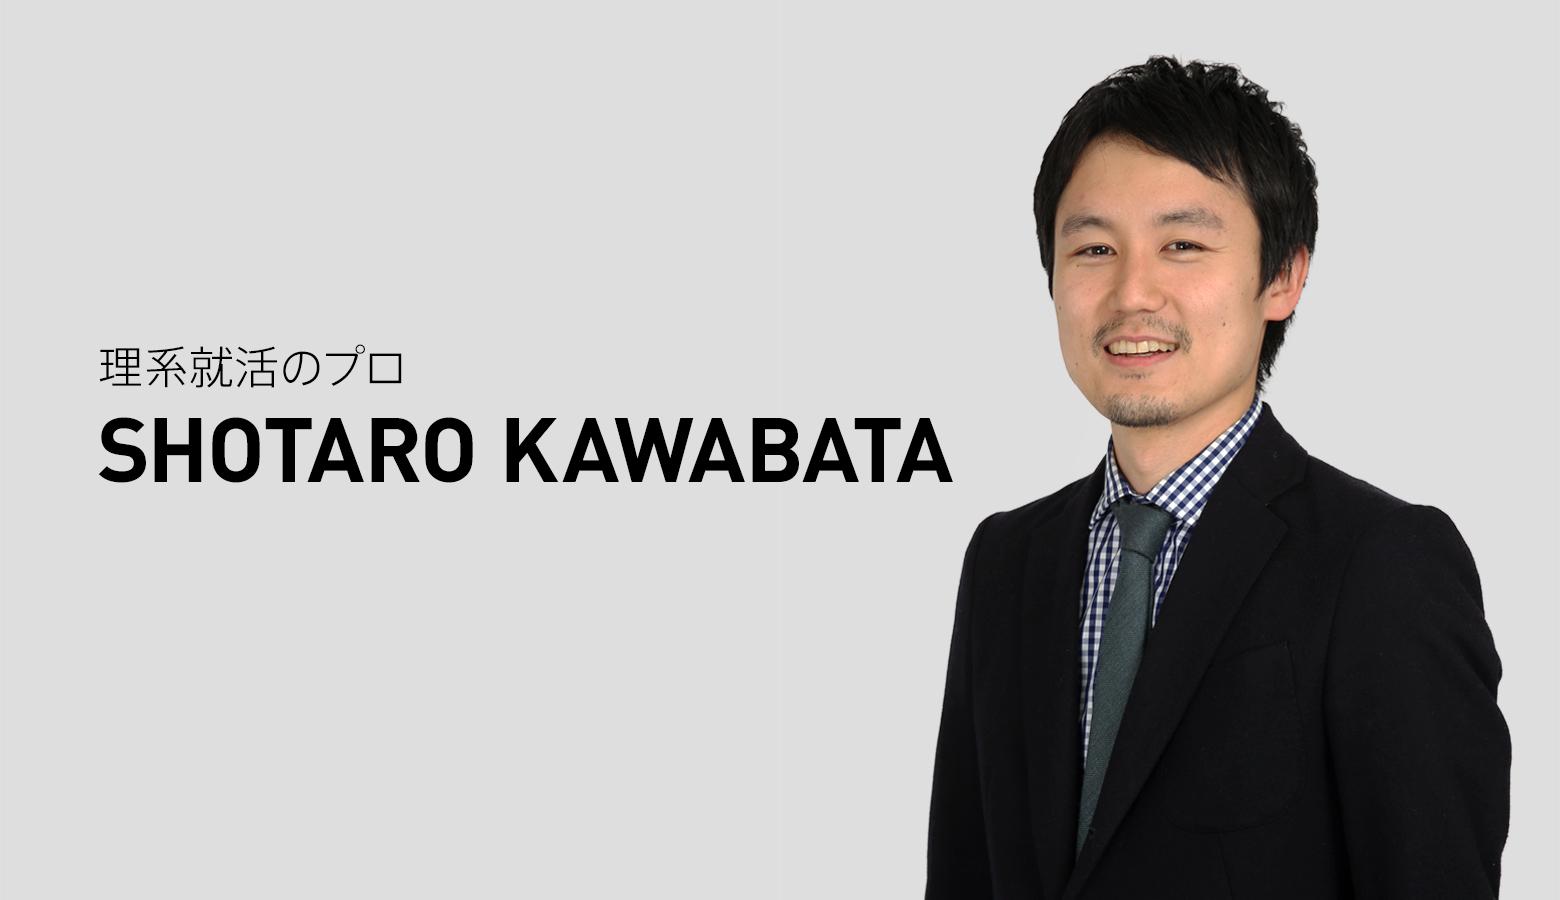 photo_shotaro-kawabata